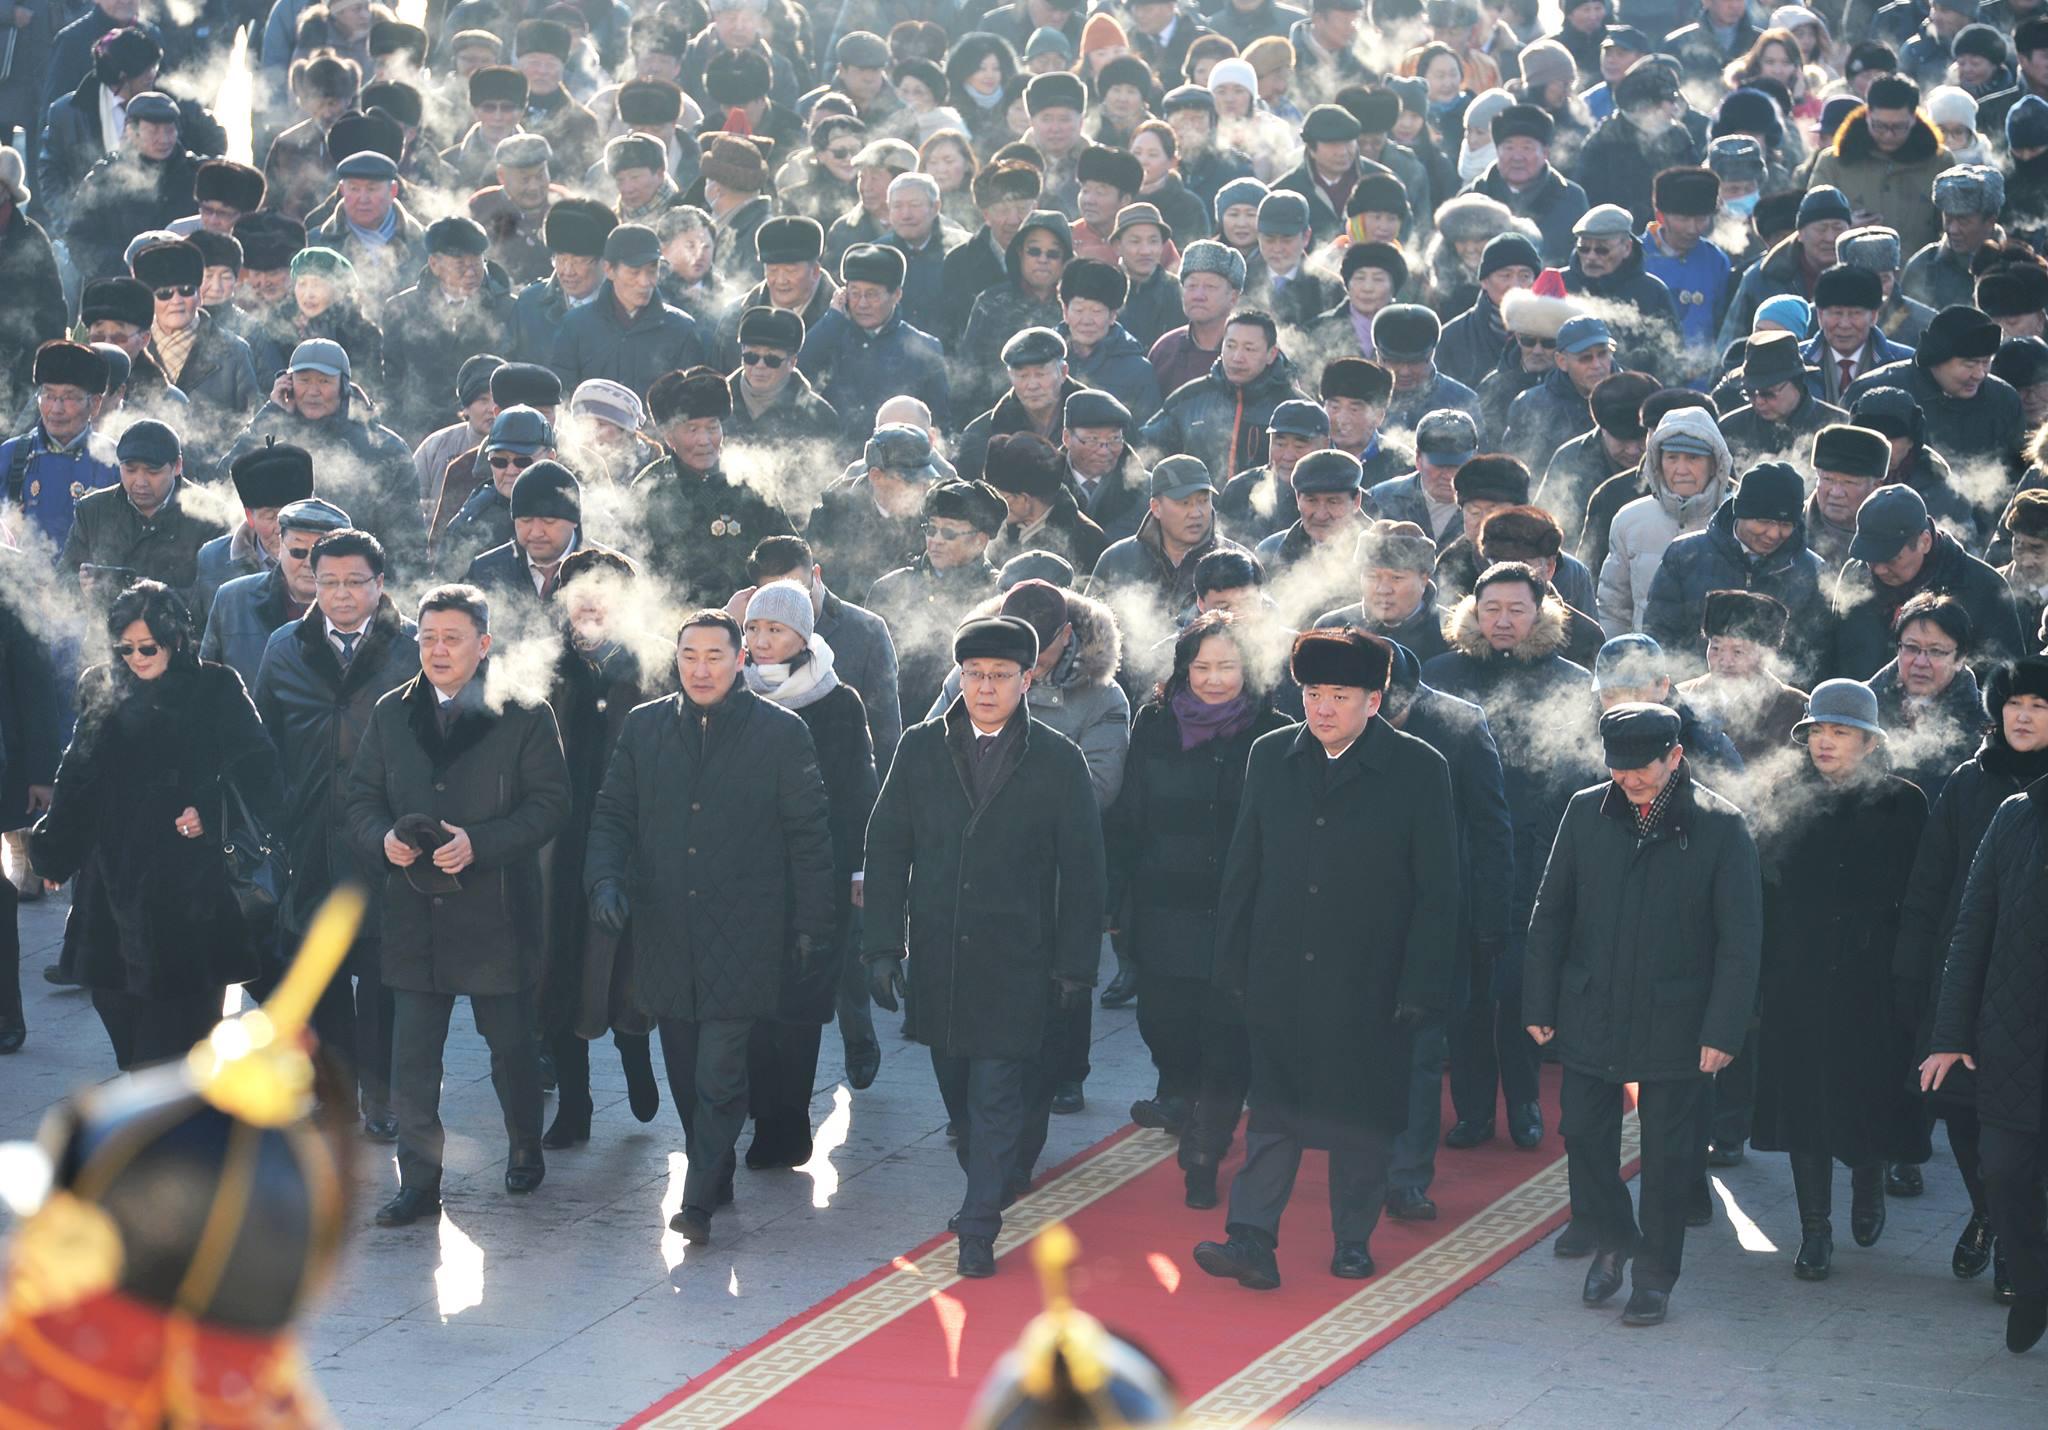 Д.Сүхбаатарын хөшөөнд цэцэг өргөж, Их эзэн Чингис хааны хөшөөнд хүндэтгэл үзүүлэв